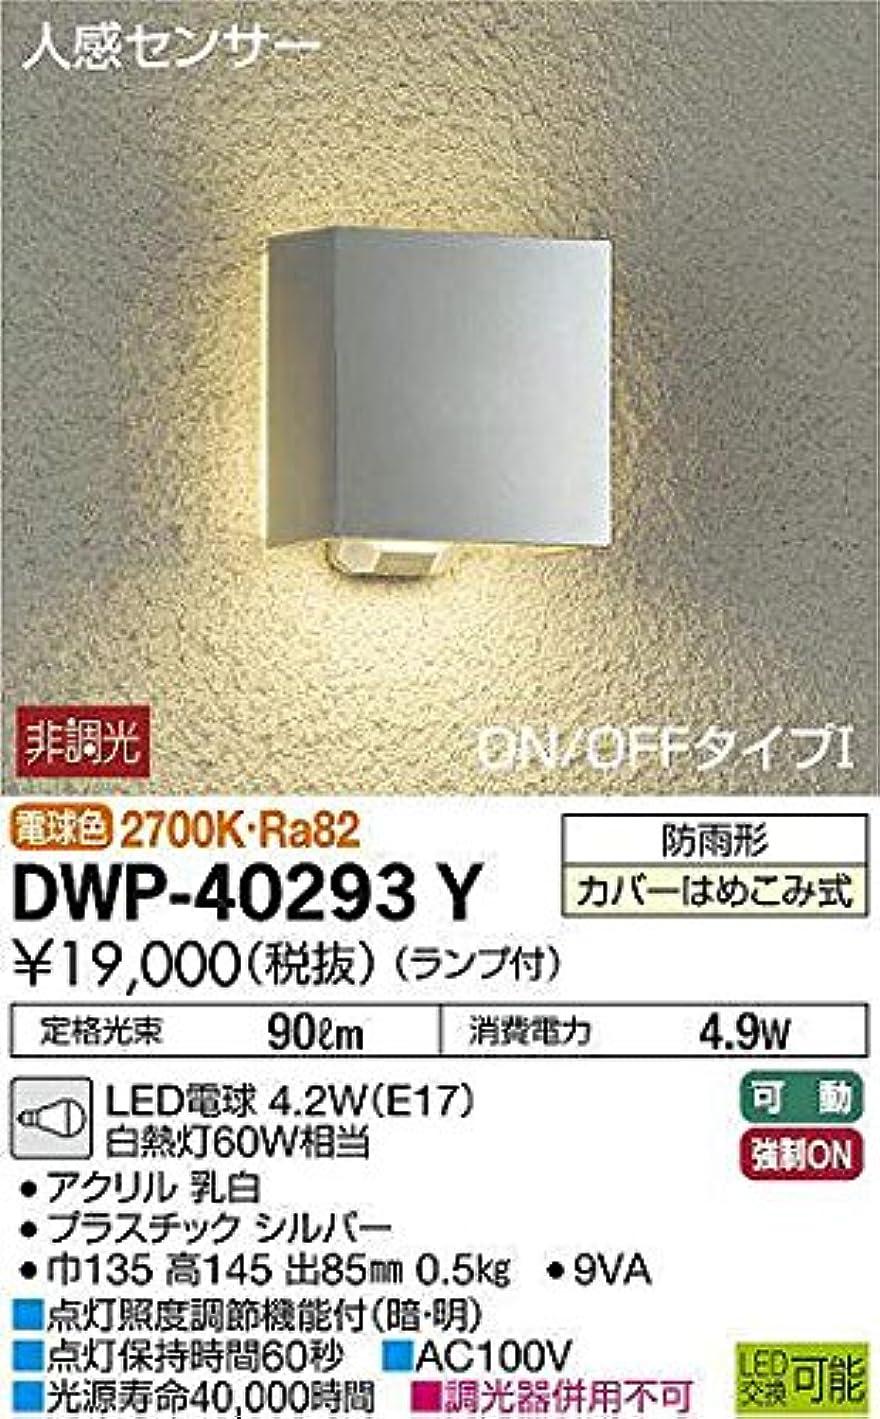 王朝サーマル実り多い大光電機(DAIKO) LED人感センサー付アウトドアライト (ランプ付) LED電球 4.2W(E17) 電球色 2700K DWP-40293Y